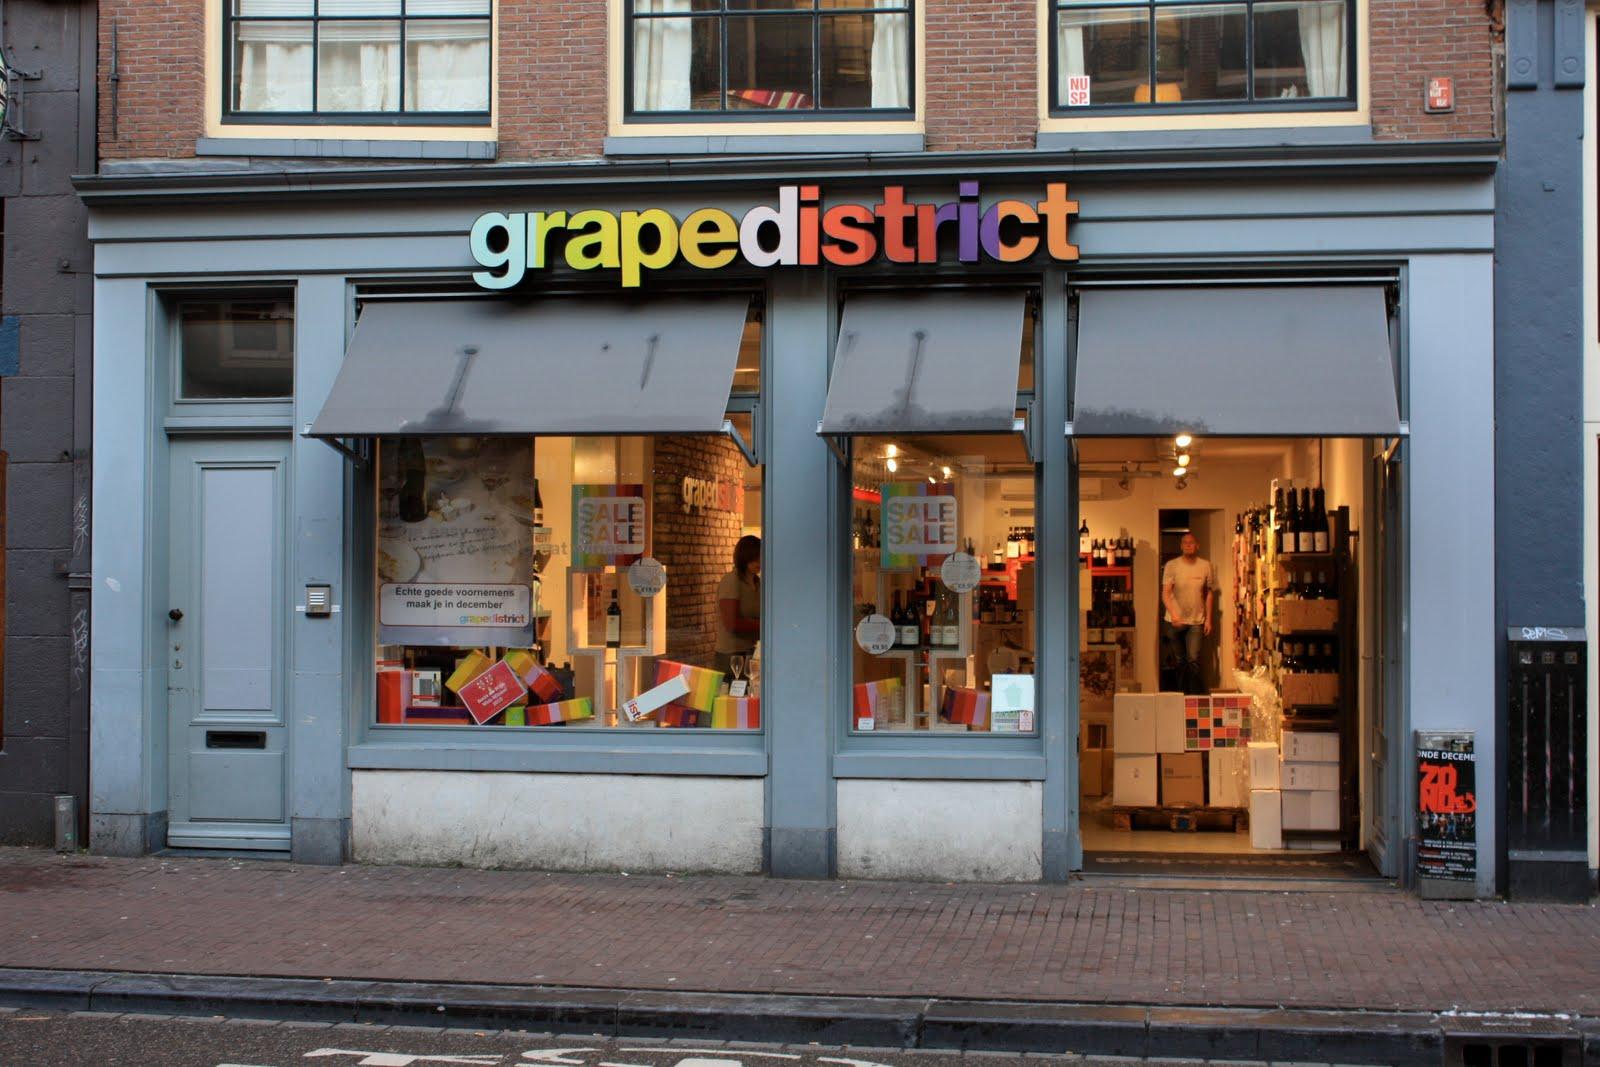 grape district - wine store chain